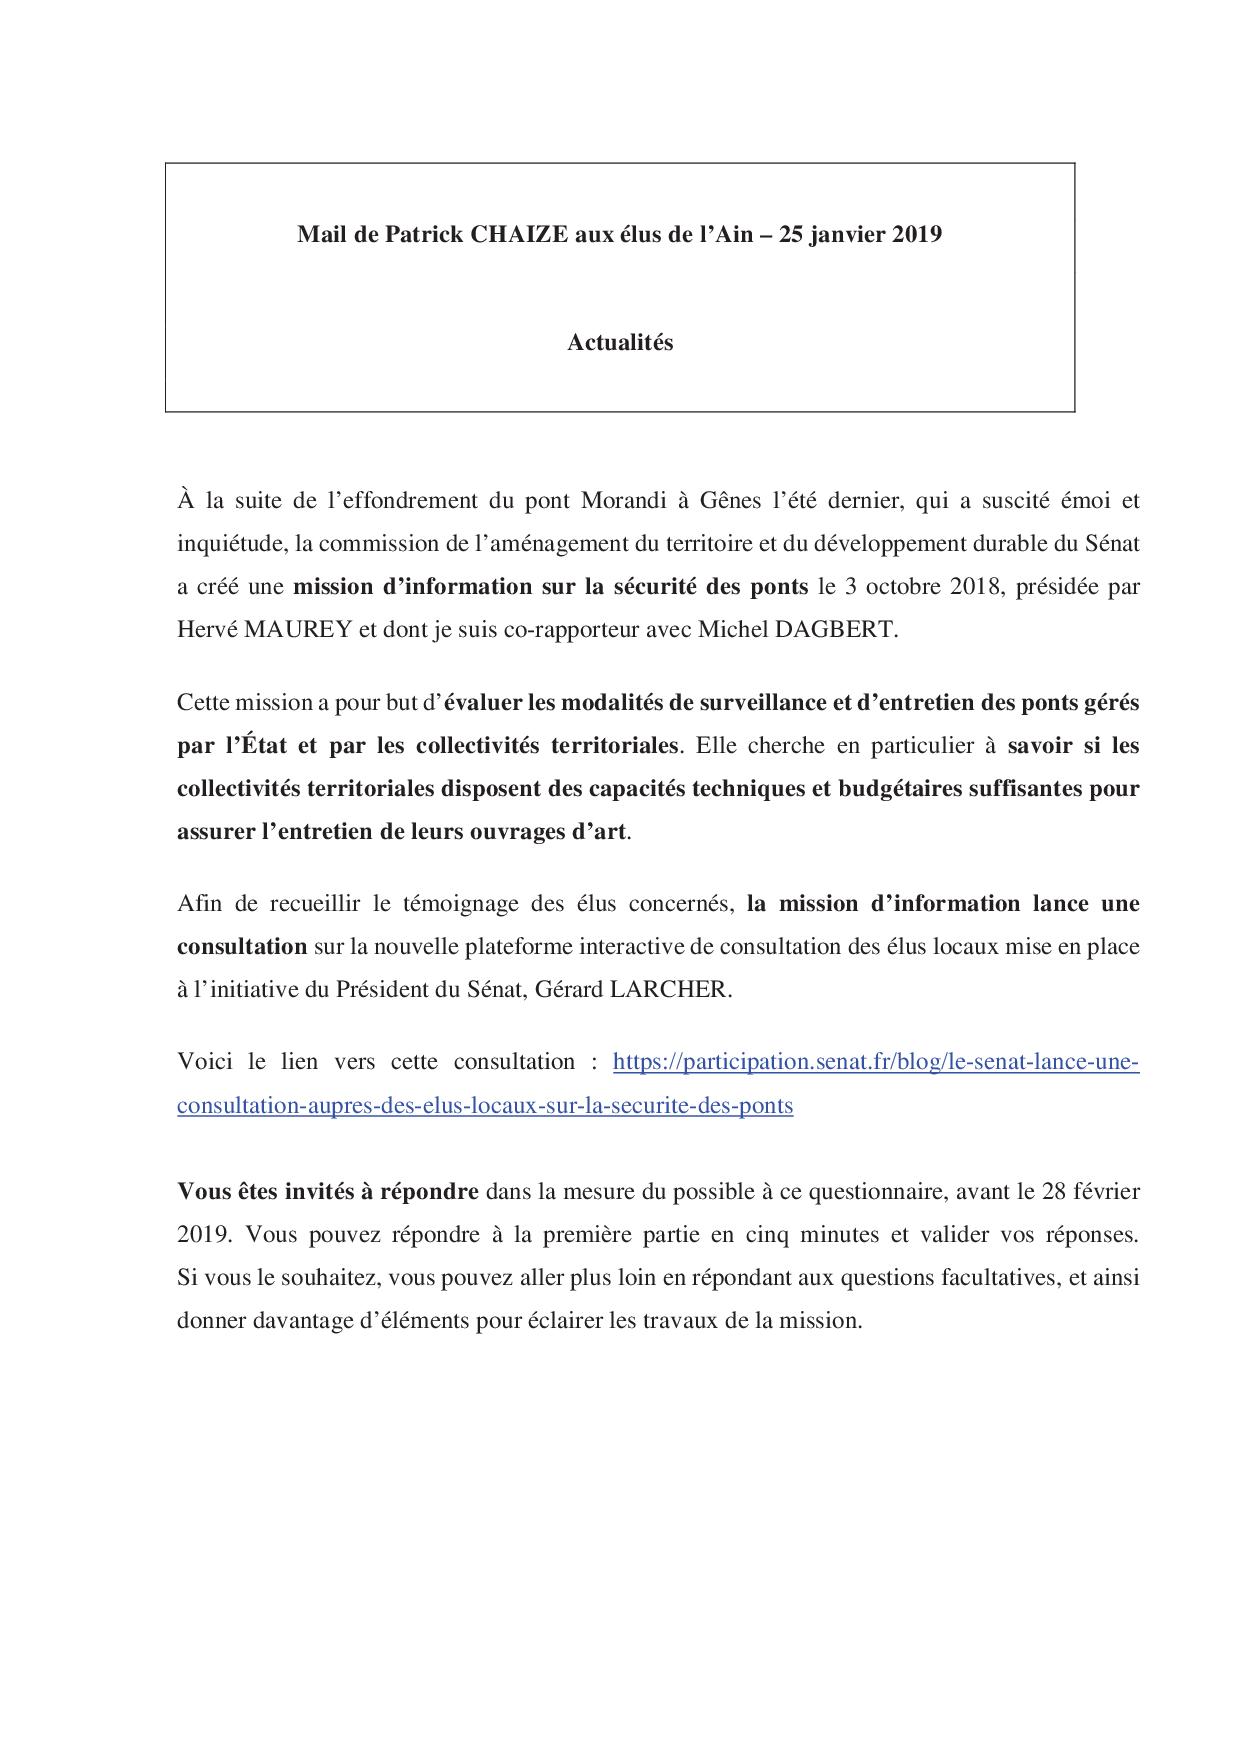 Communiqué <br>n°38<br> 25 janvier 2019